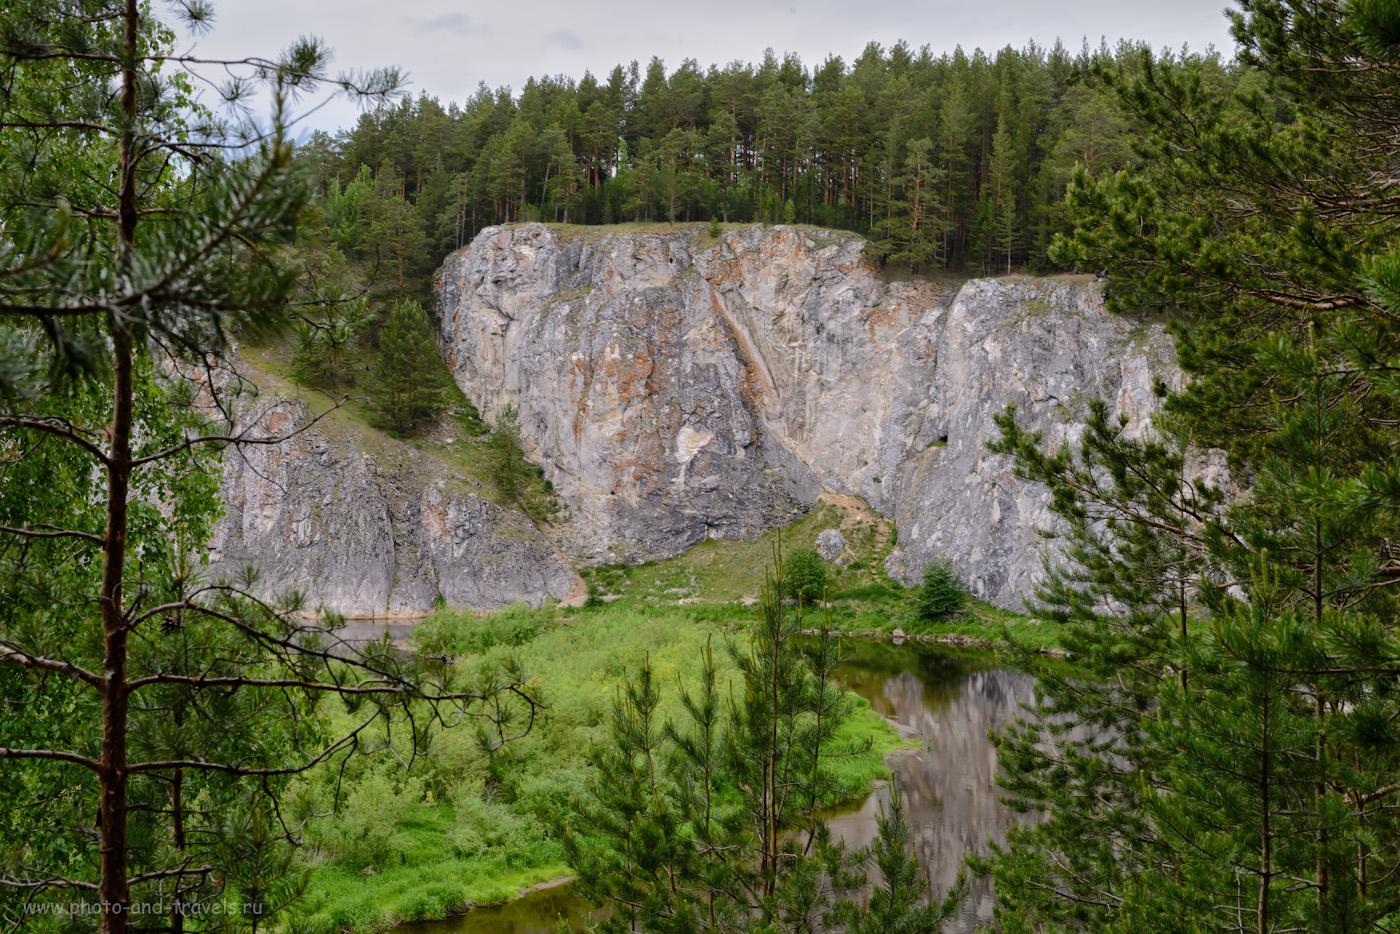 Фото 3. Вид со смотровой площадки на скалу Шайтан-камень, что в окрестностях села Арамашево. Интересные места в Свердловской области, куда поехать на авто с маленьким ребенком. 1/50, 14.0, 220, -0.67, 52.